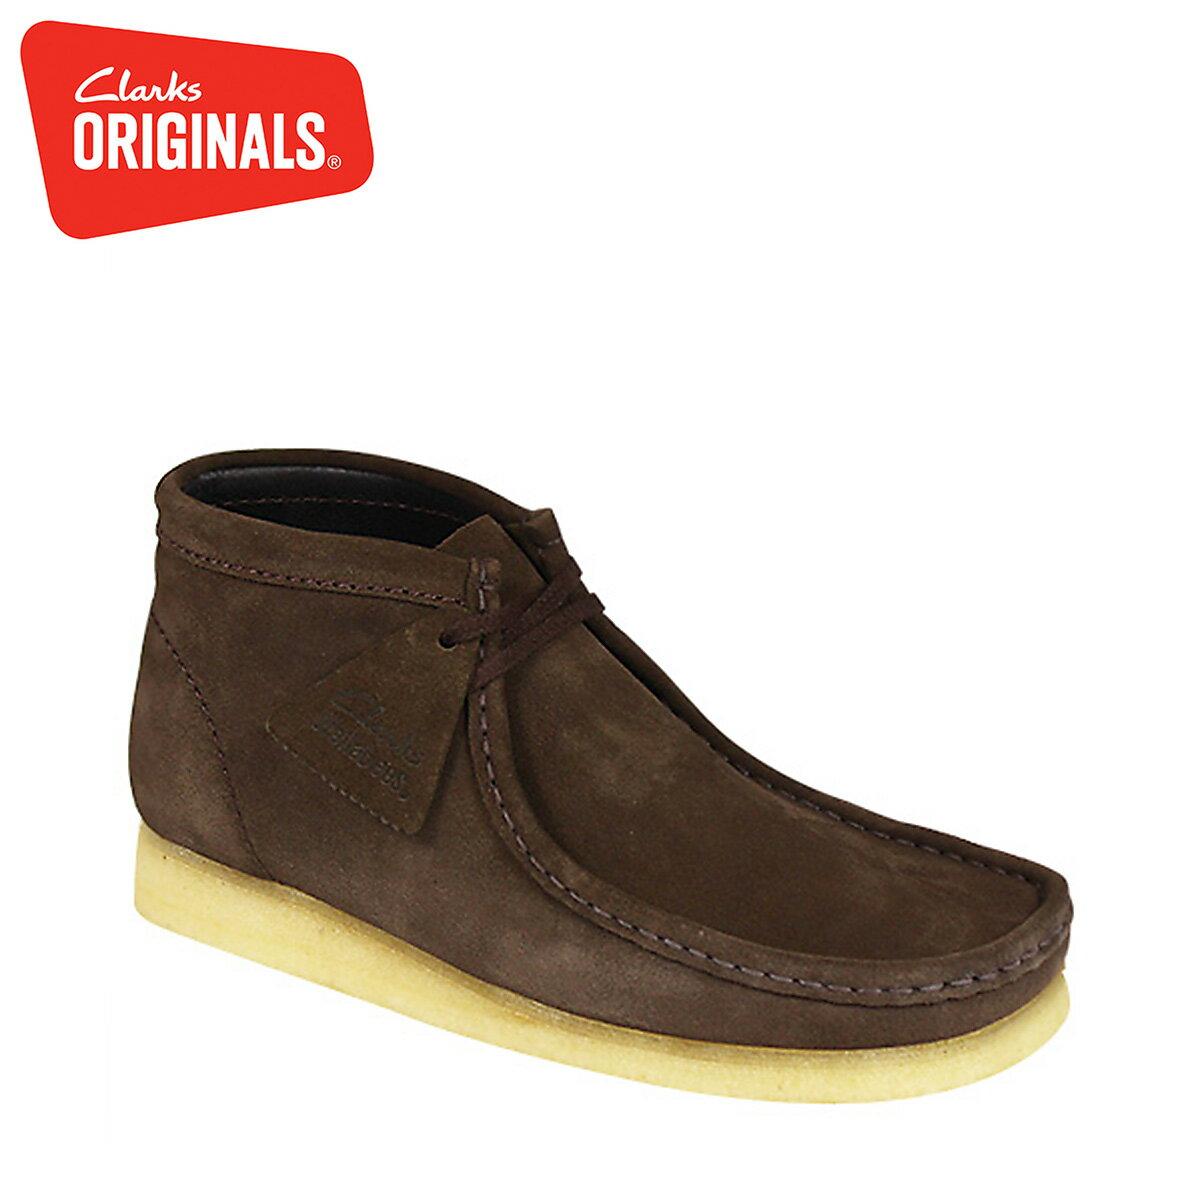 Clarks ORIGINALS ワラビー ブーツ メンズ クラークス WALLABEE BOOT オリジナルズ 26103658 [11/4 再入荷]